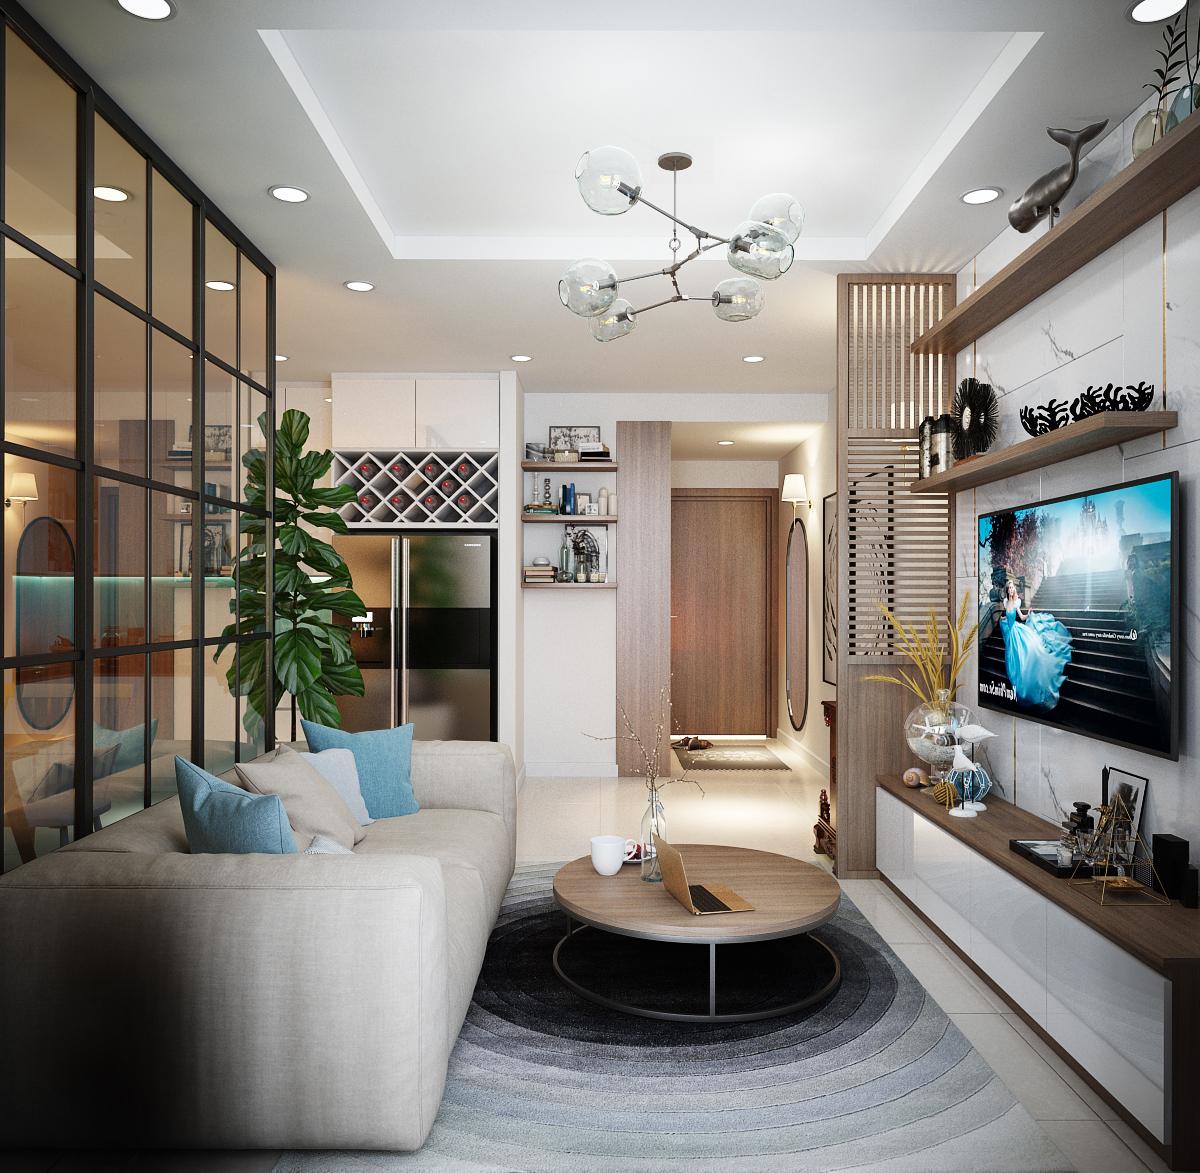 Thiết kế nội thất Chung Cư tại Hồ Chí Minh Anh Tú_Hausneo 1576125813 3